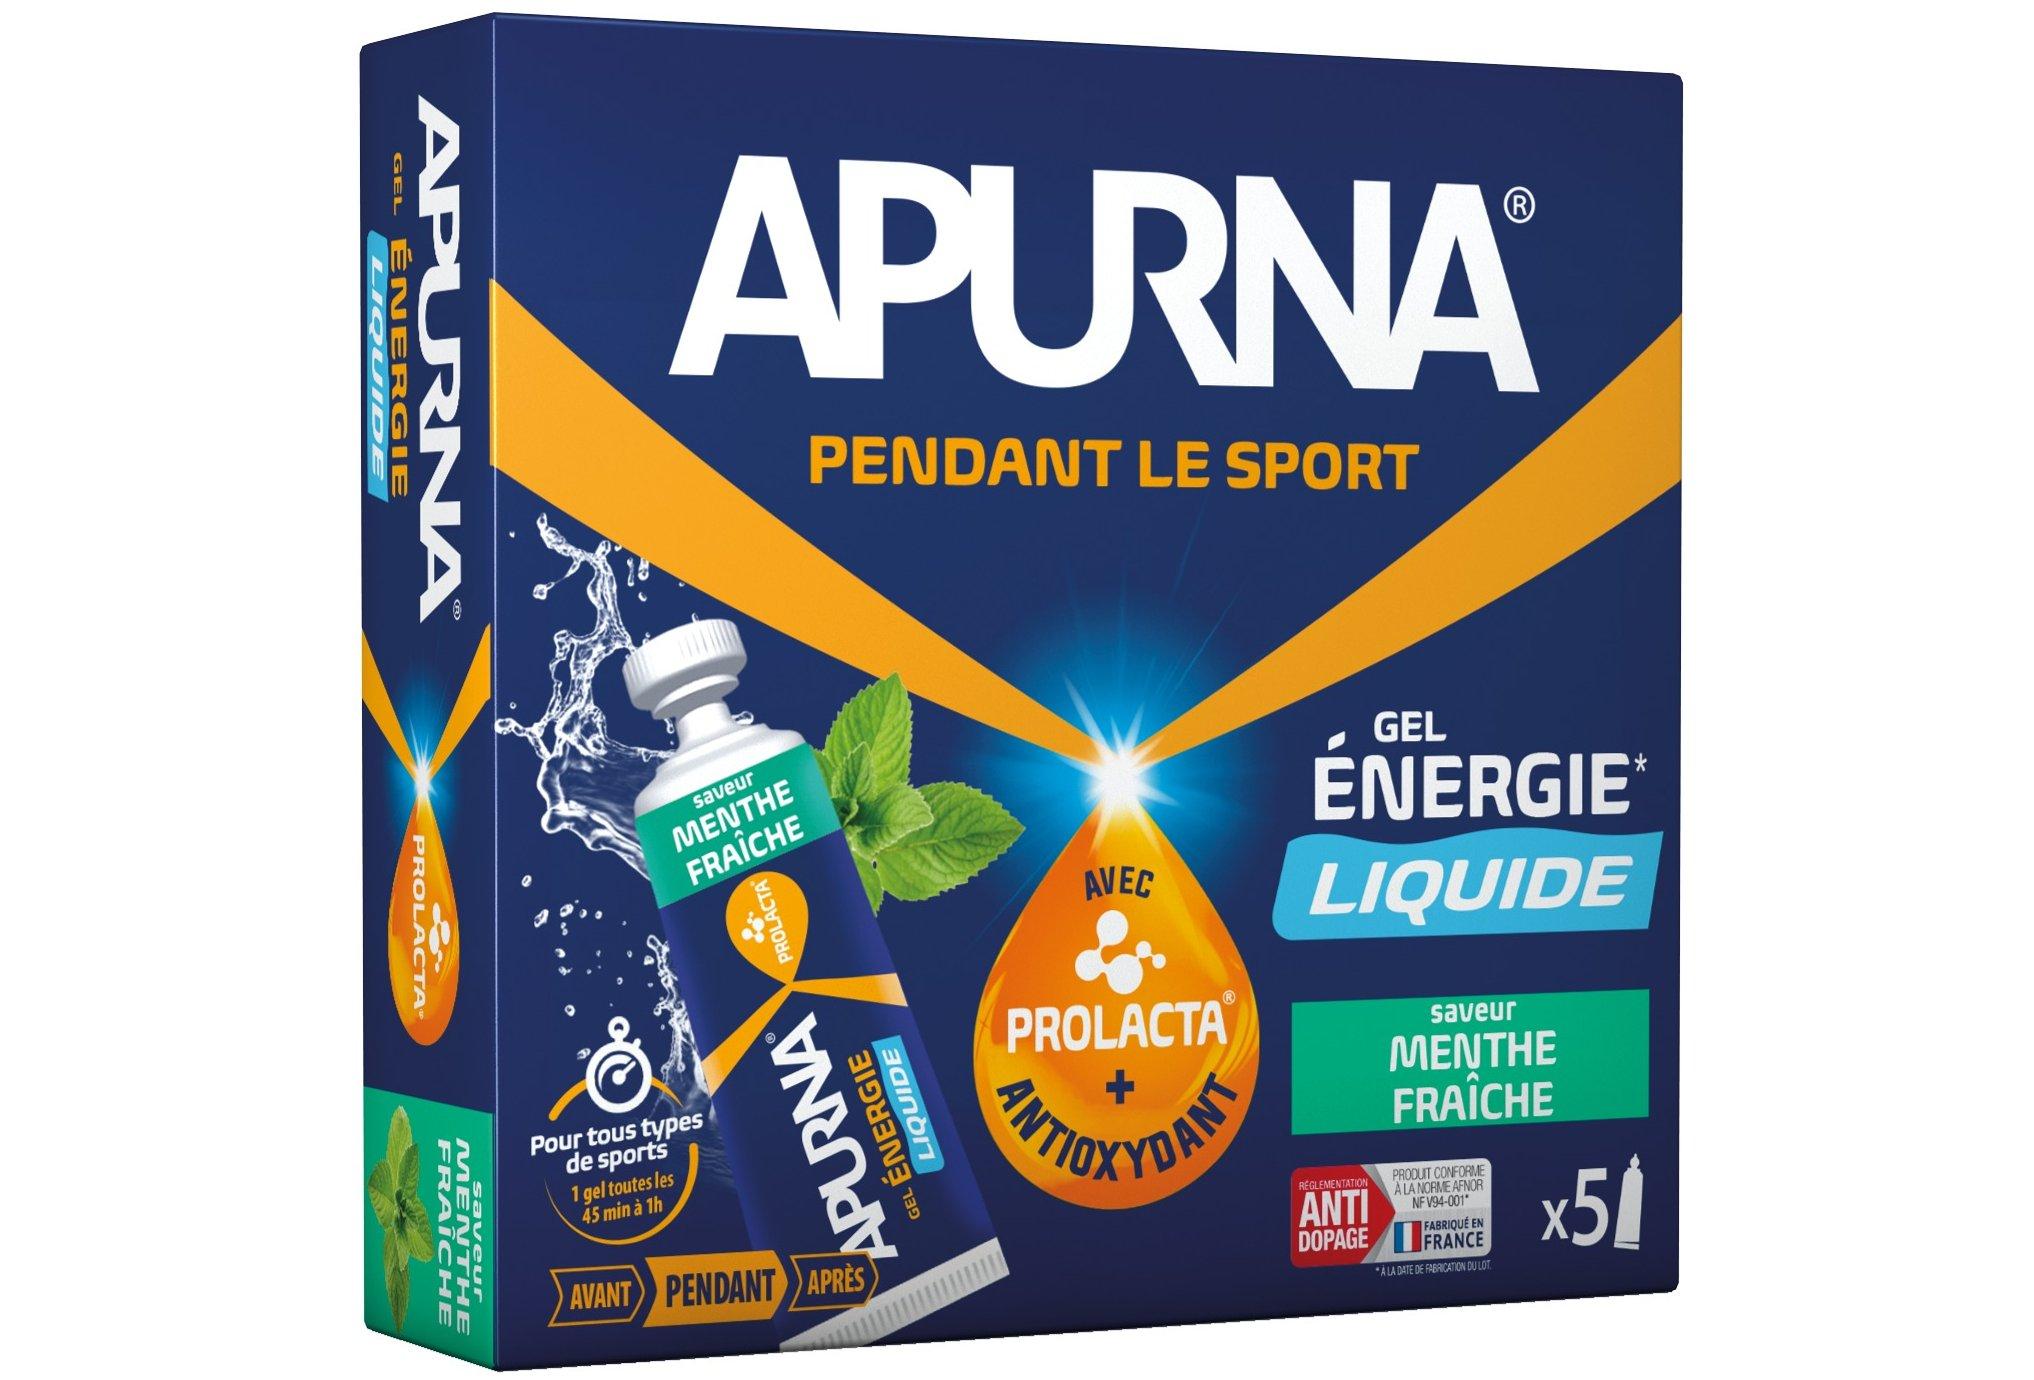 Apurna Etui gels energétiques liquide - menthe diététique gels